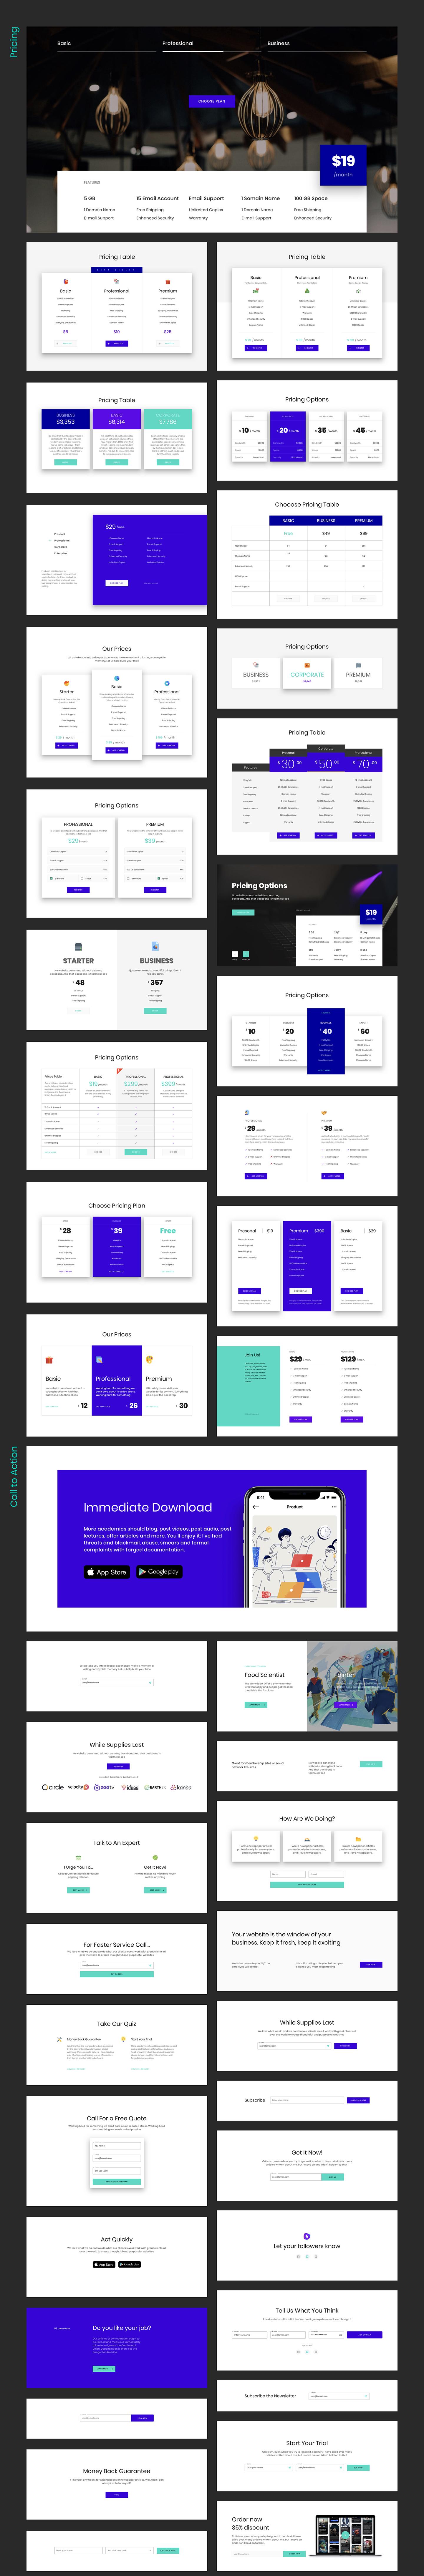 Ataman UI Kit - Templates For Website [Figma] - 7